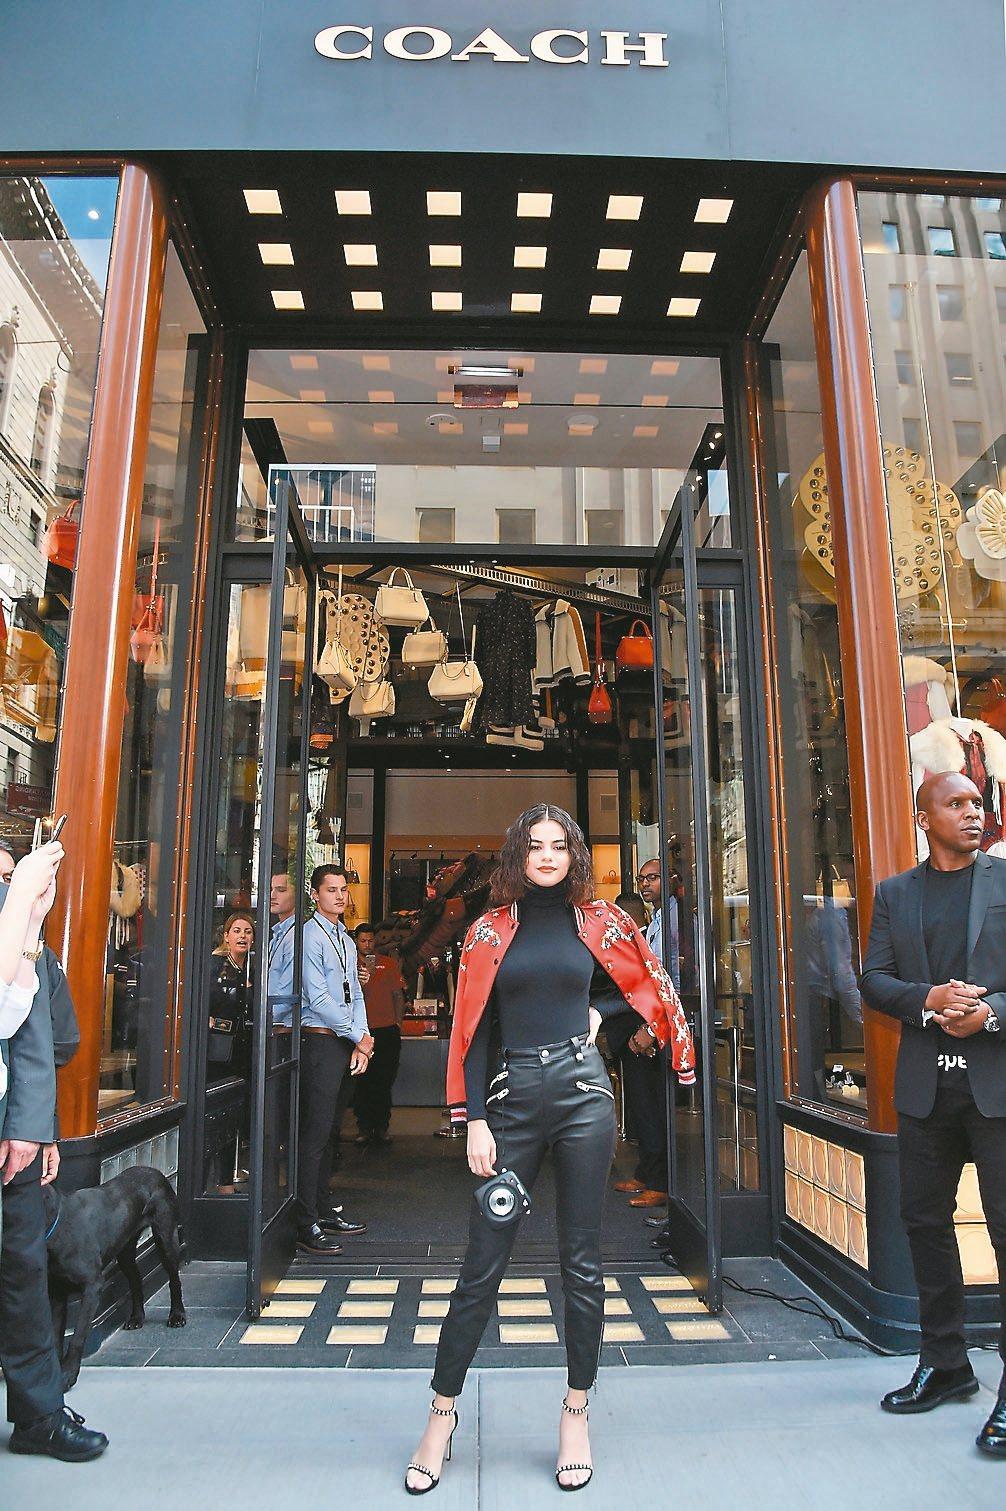 瑟琳娜戈梅茲為COACH當前的代言人,日前在紐約旗艦店舉辦時尚見面會。